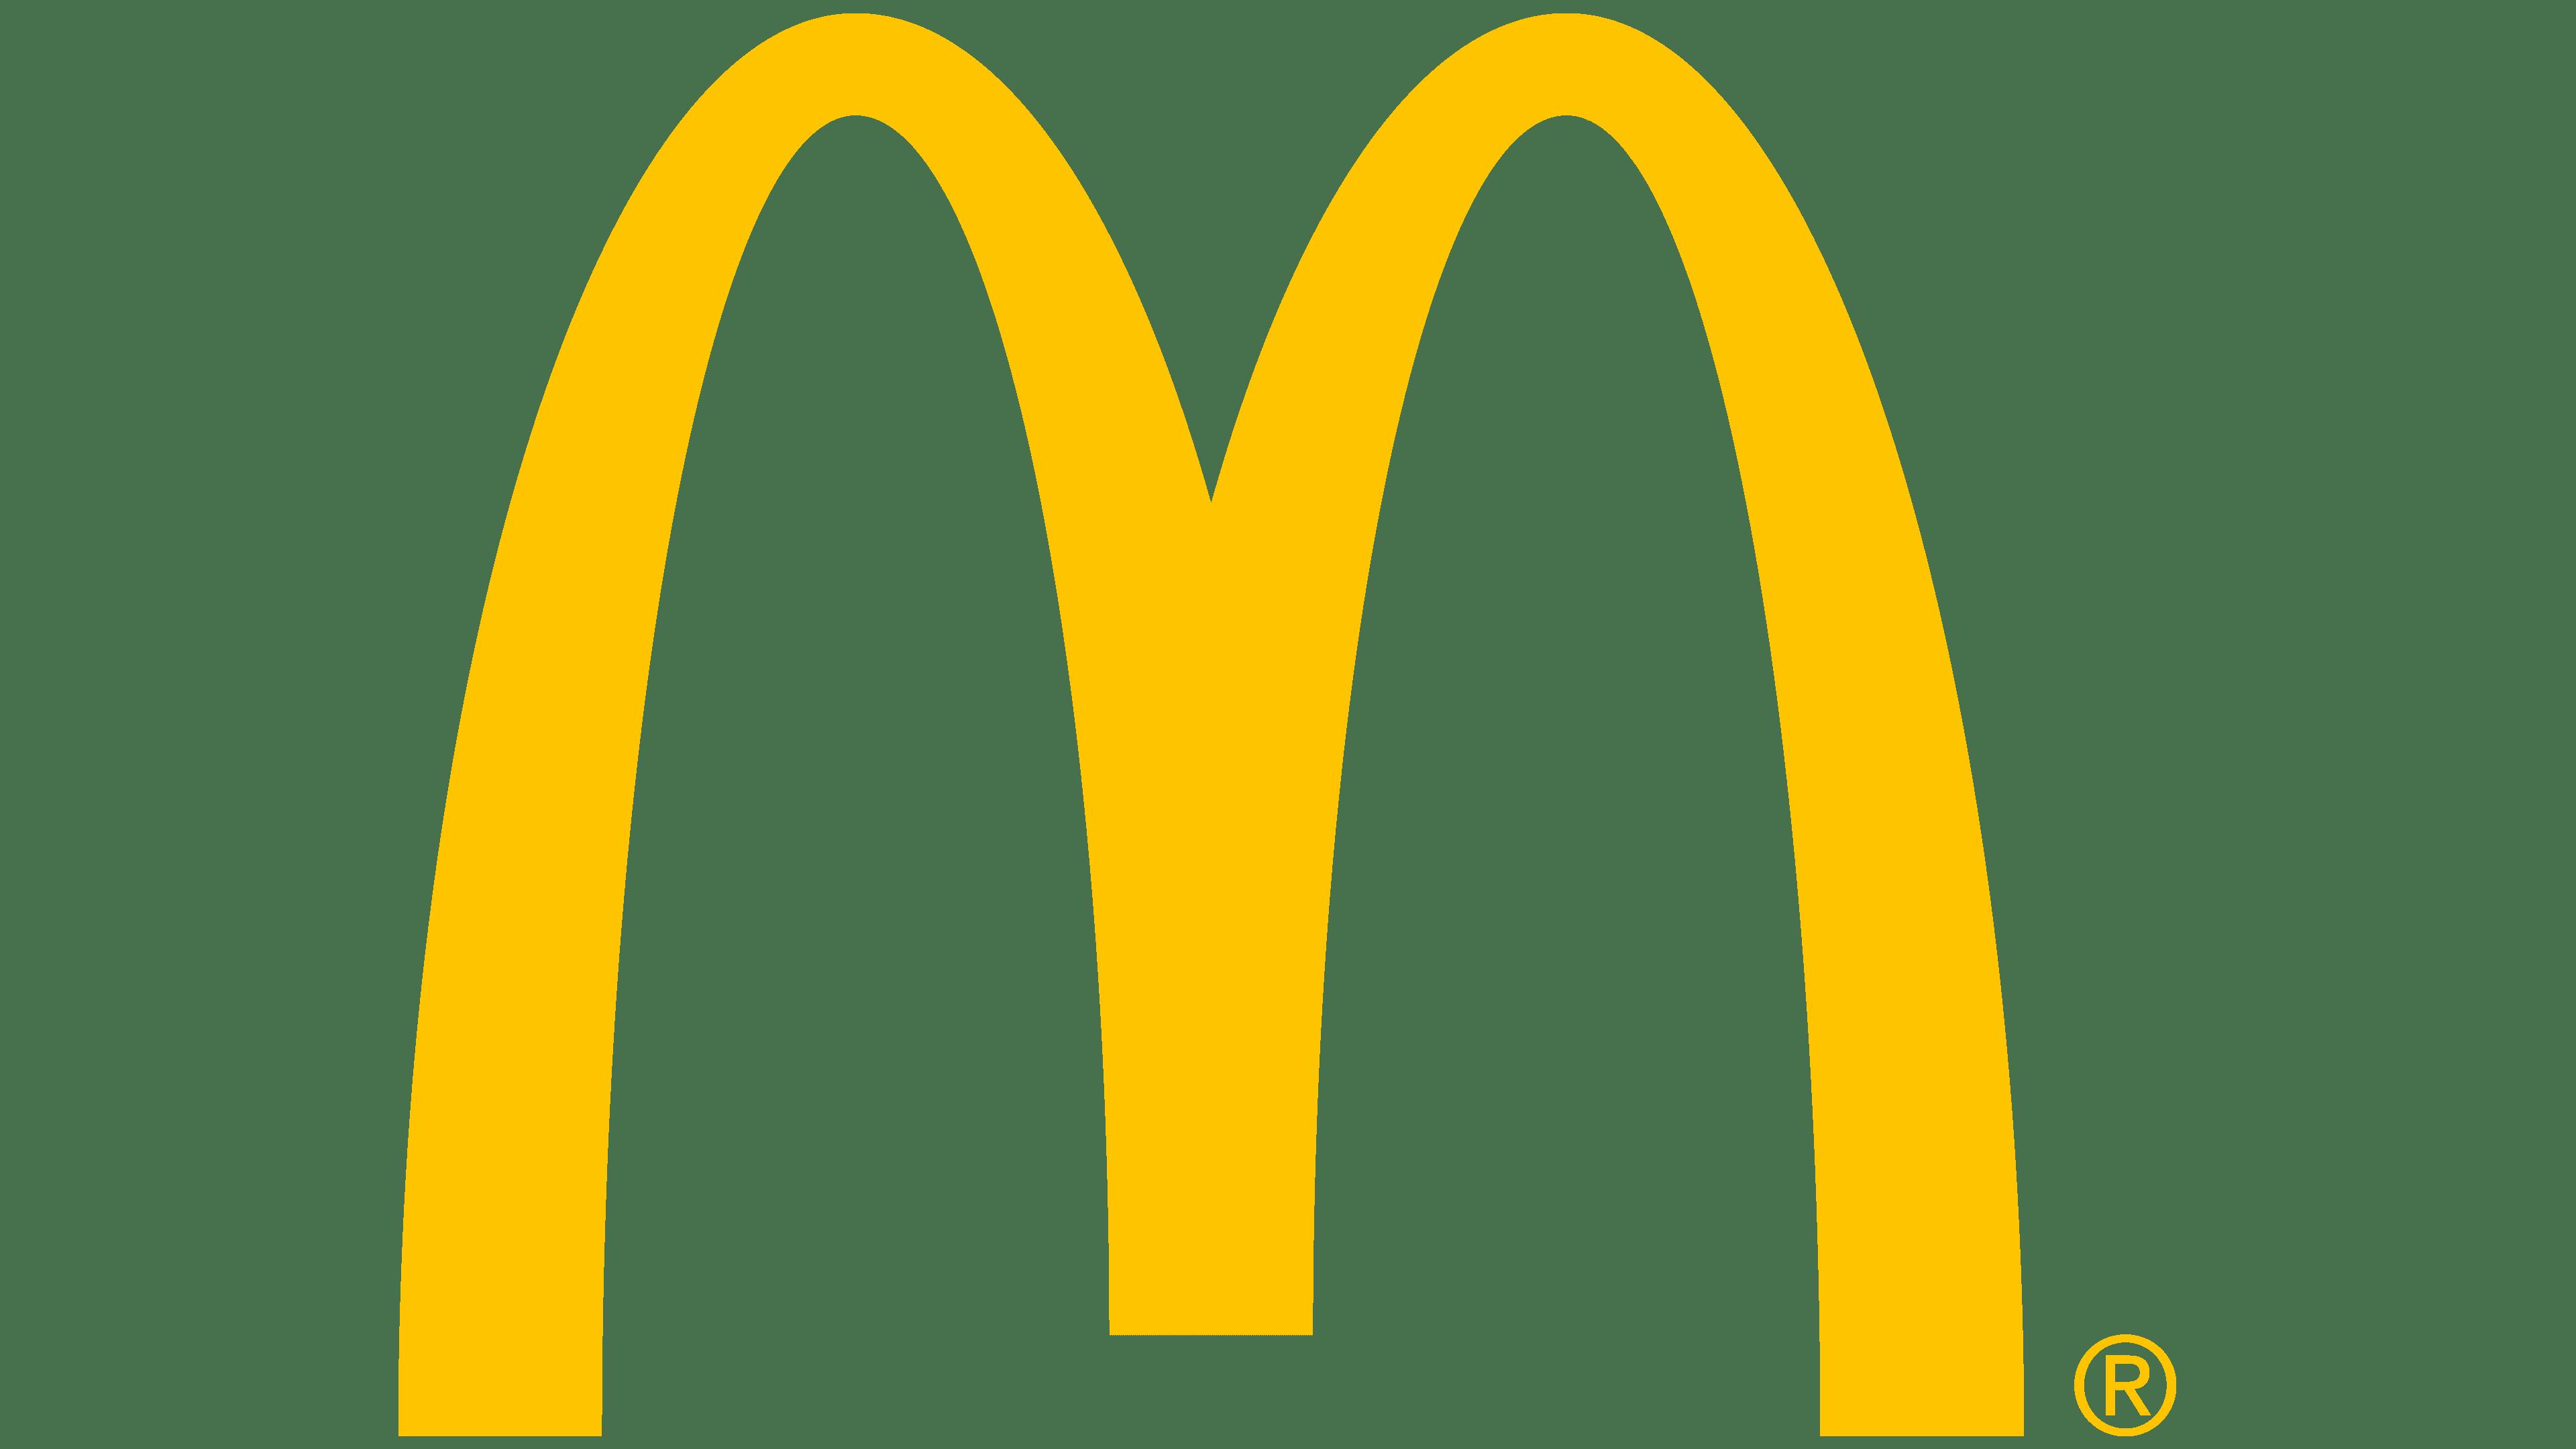 McDonald's'tan AÇEV'e Anlamlı Destek